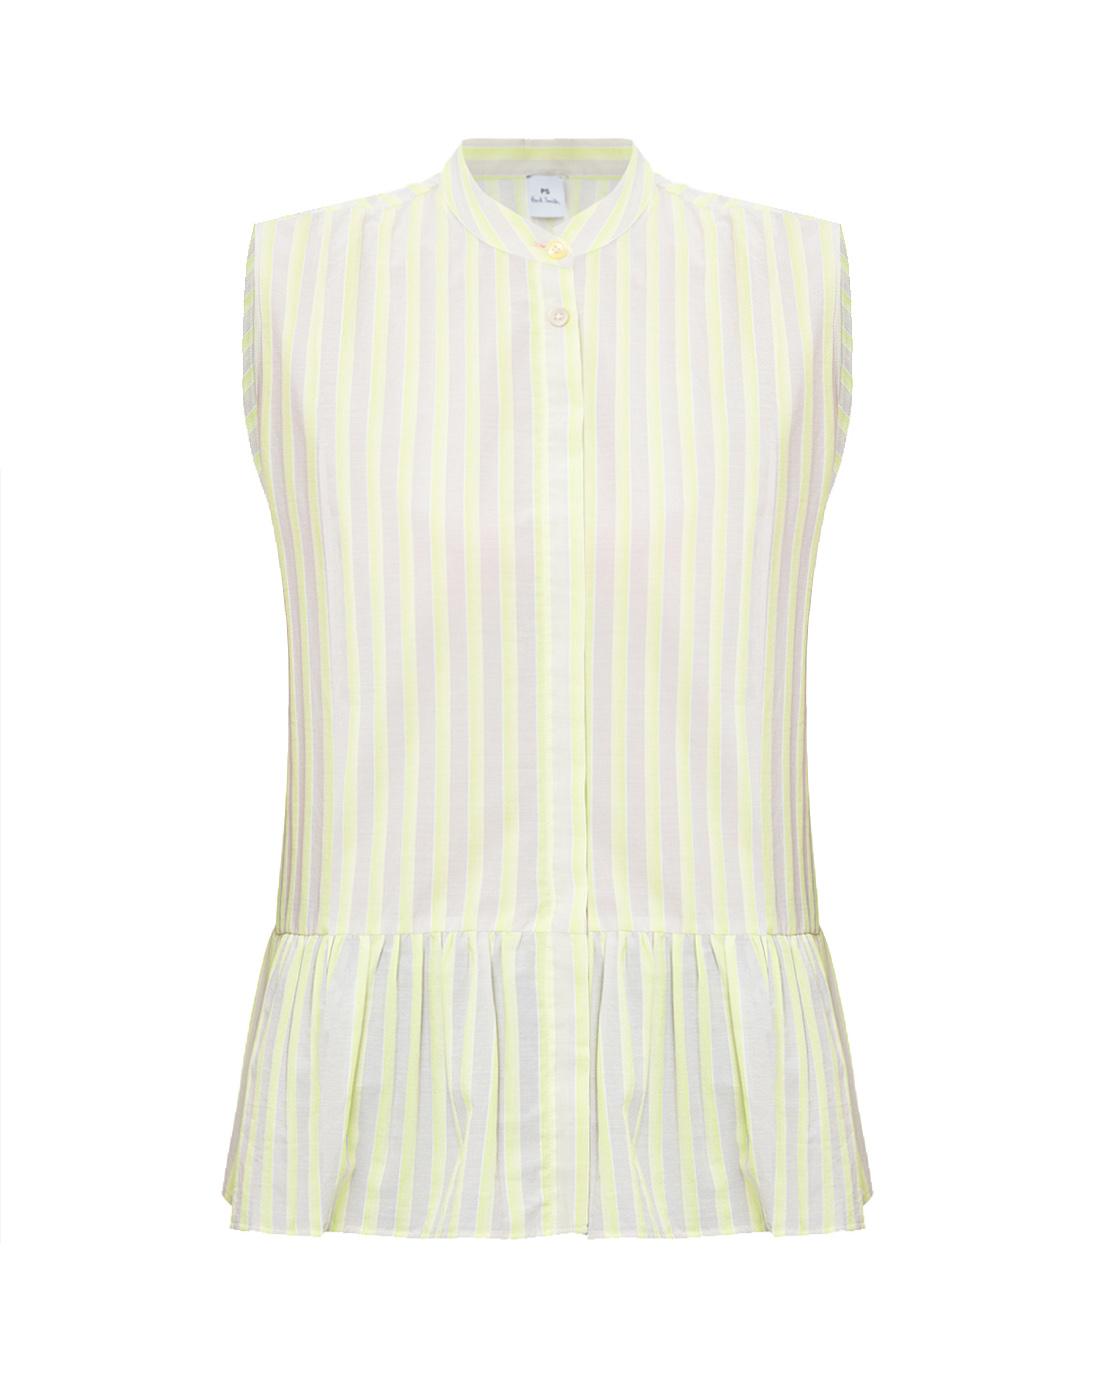 Женская блуза в полоску Paul Smith S095M/864-1